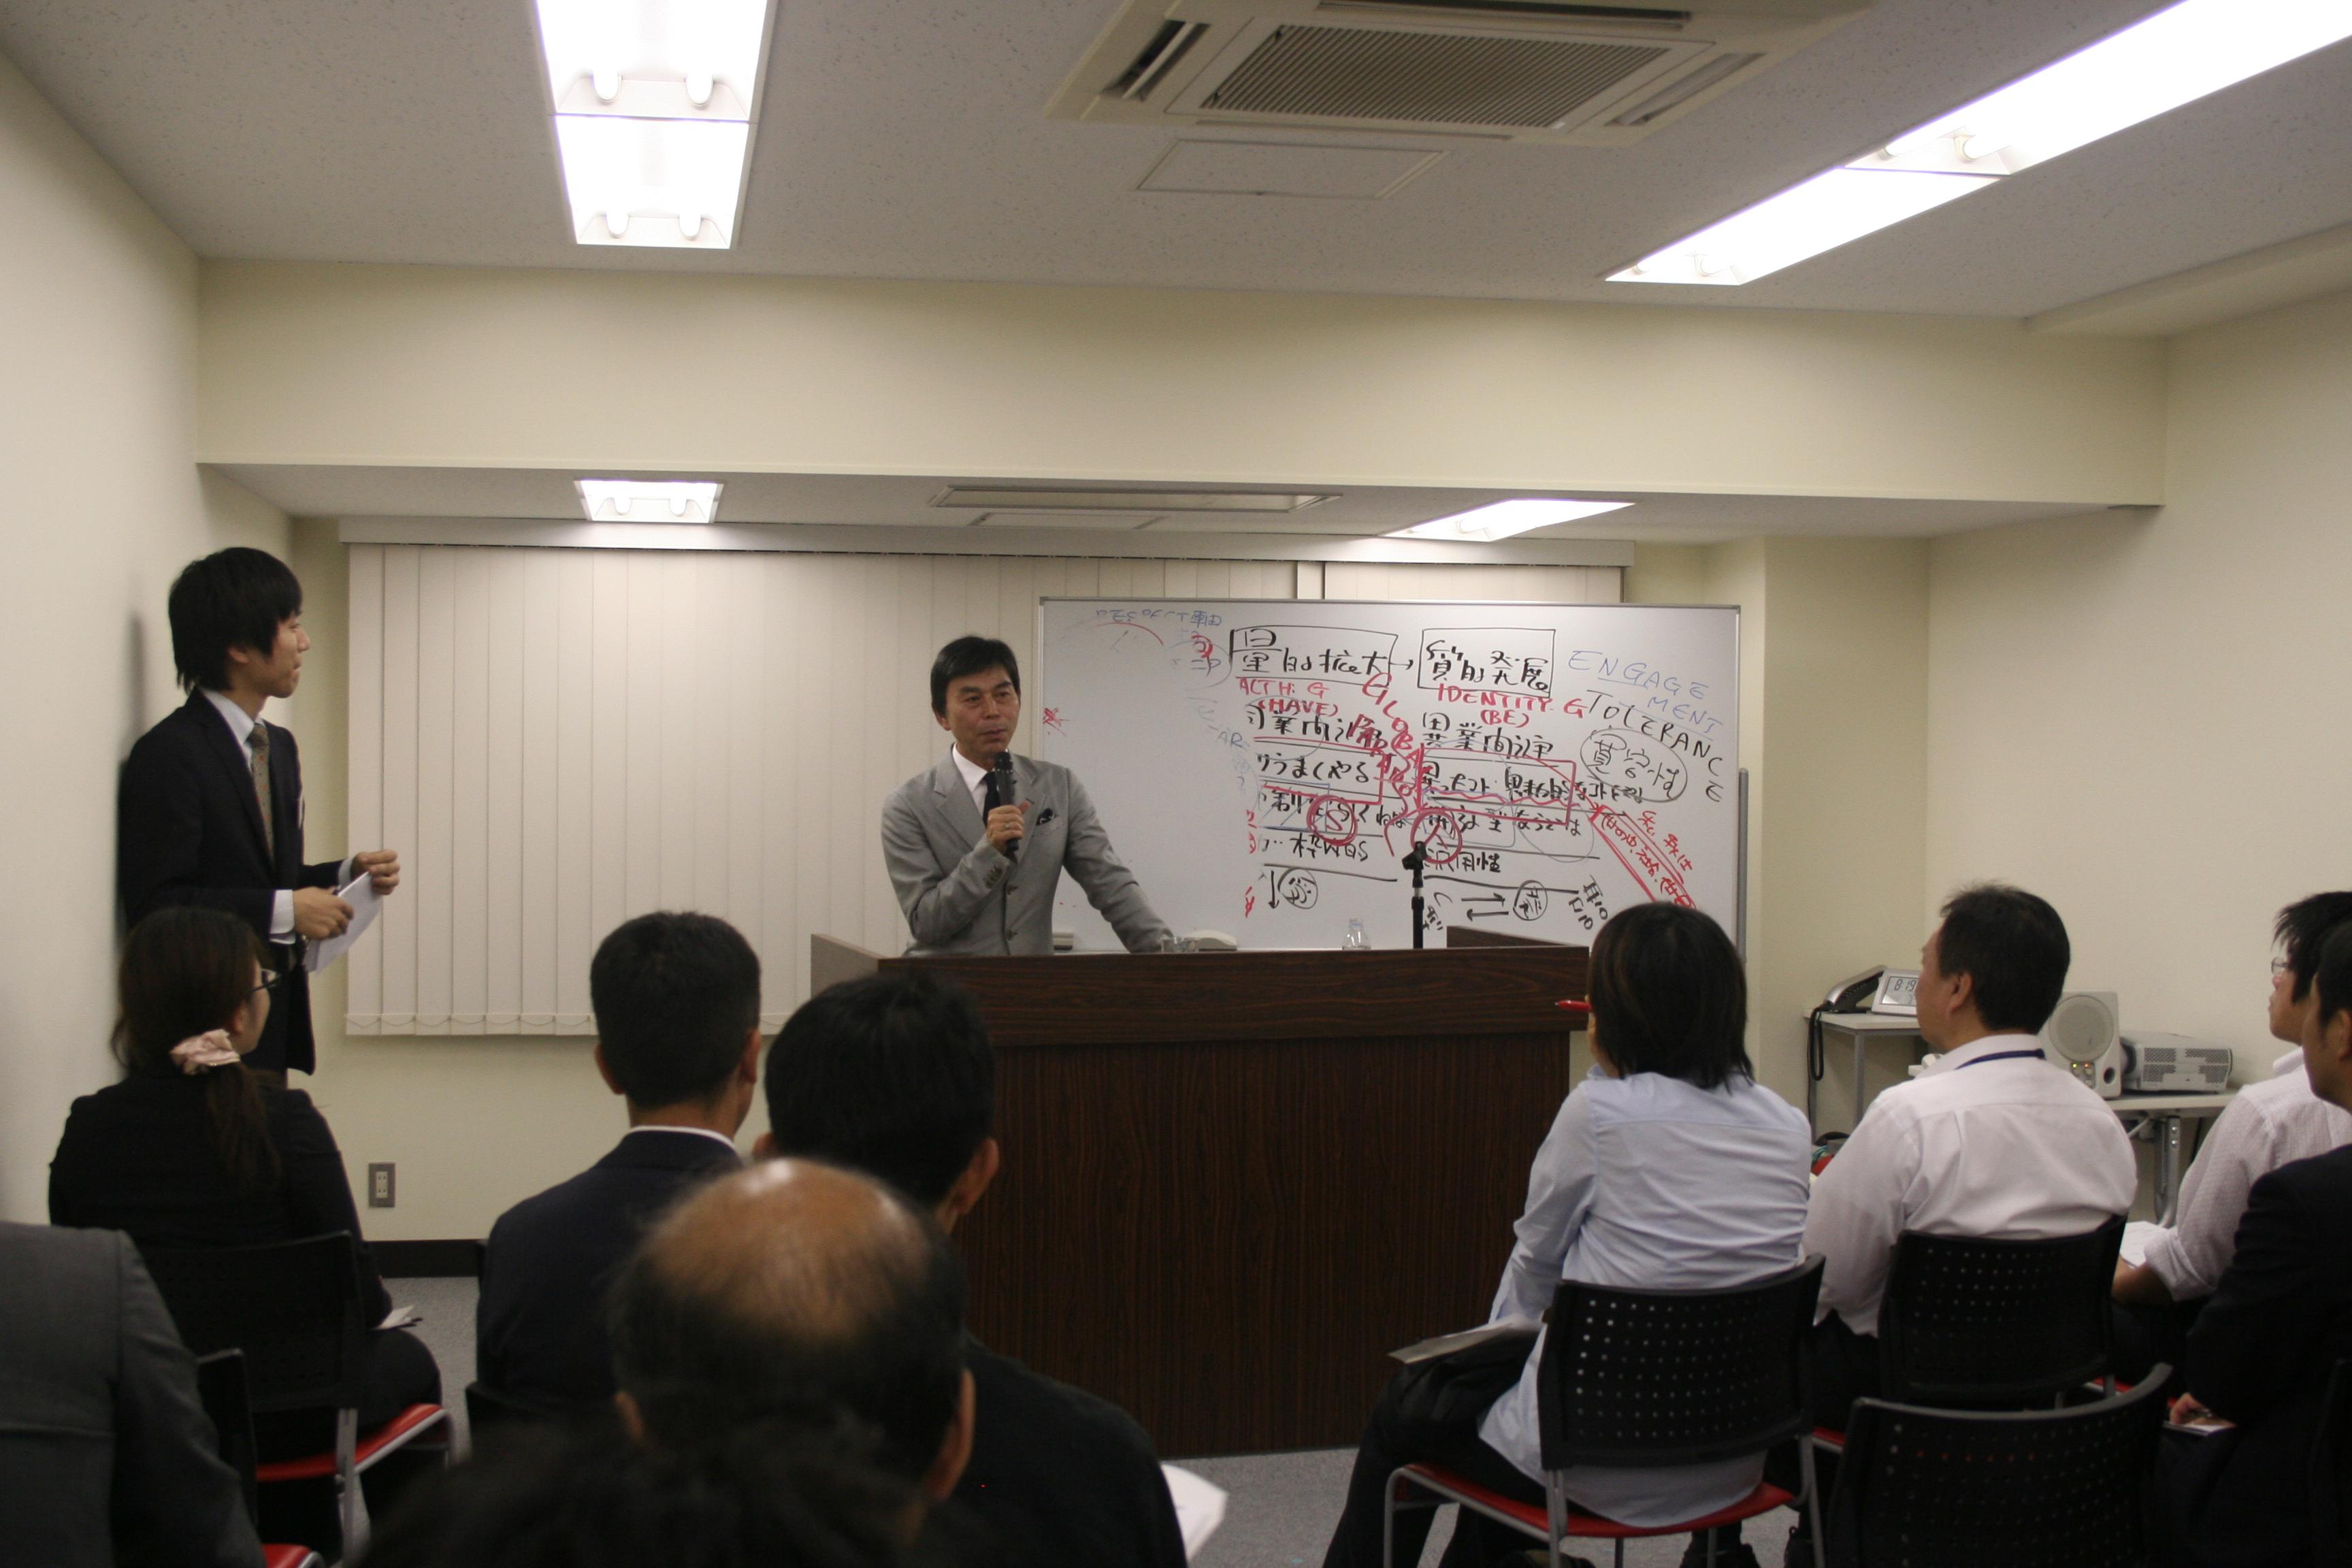 KimuraMasao_2008.11.02.jpg.JPG